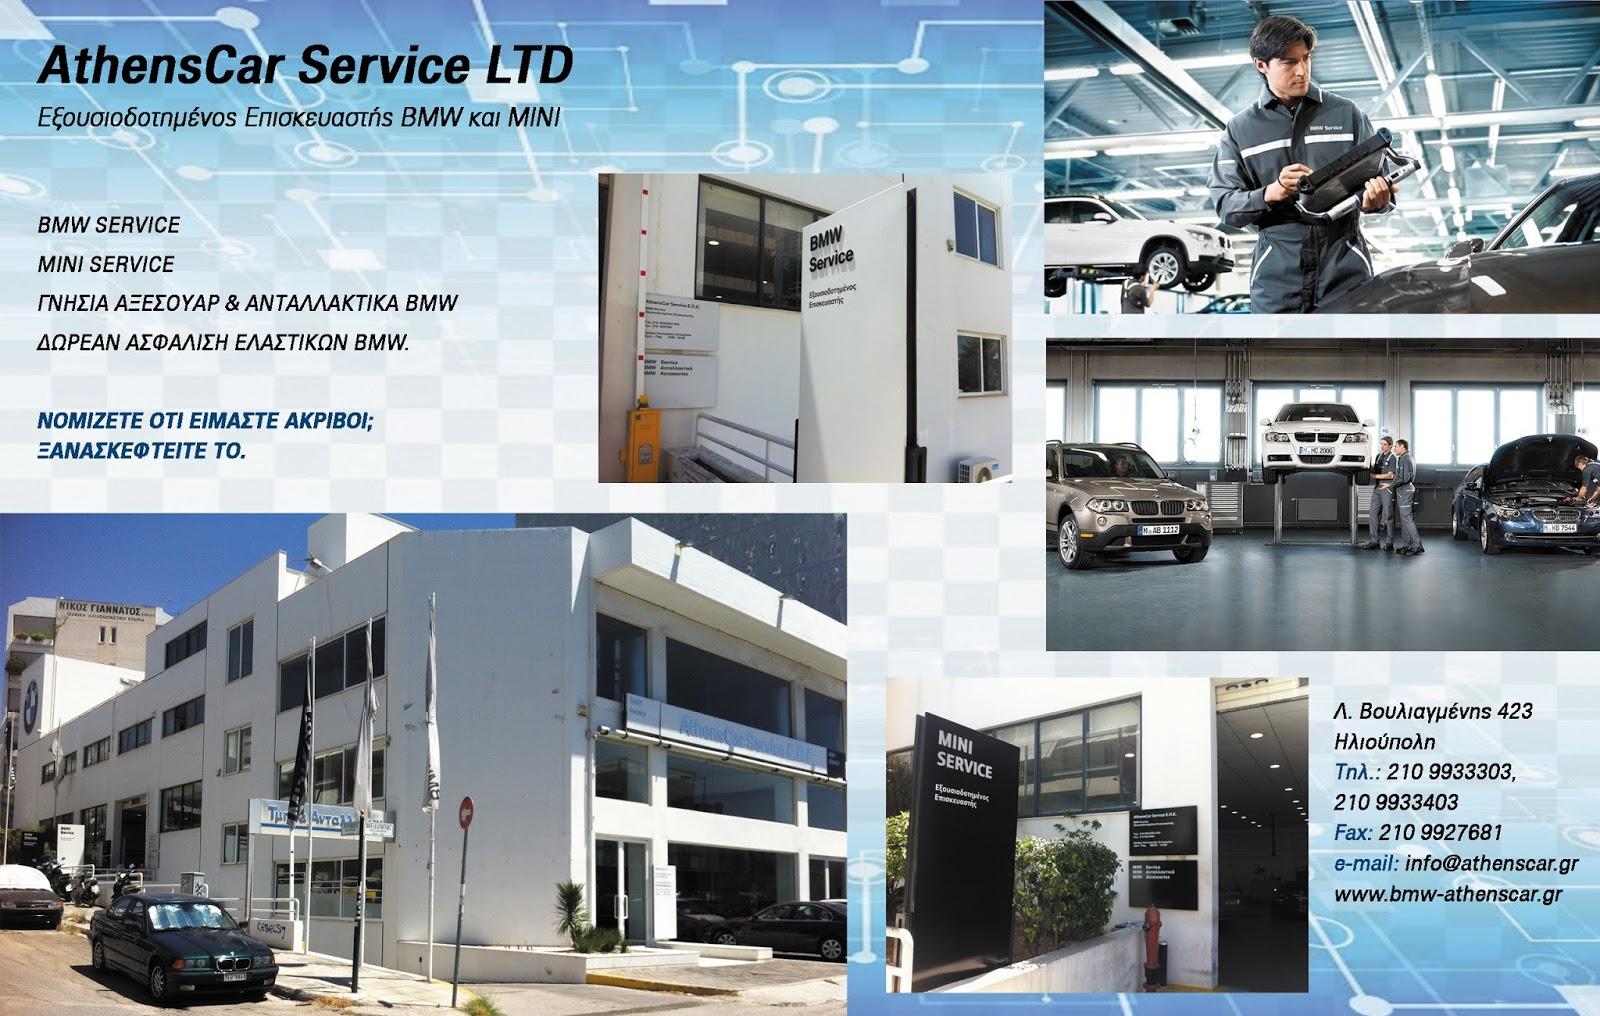 athens car service